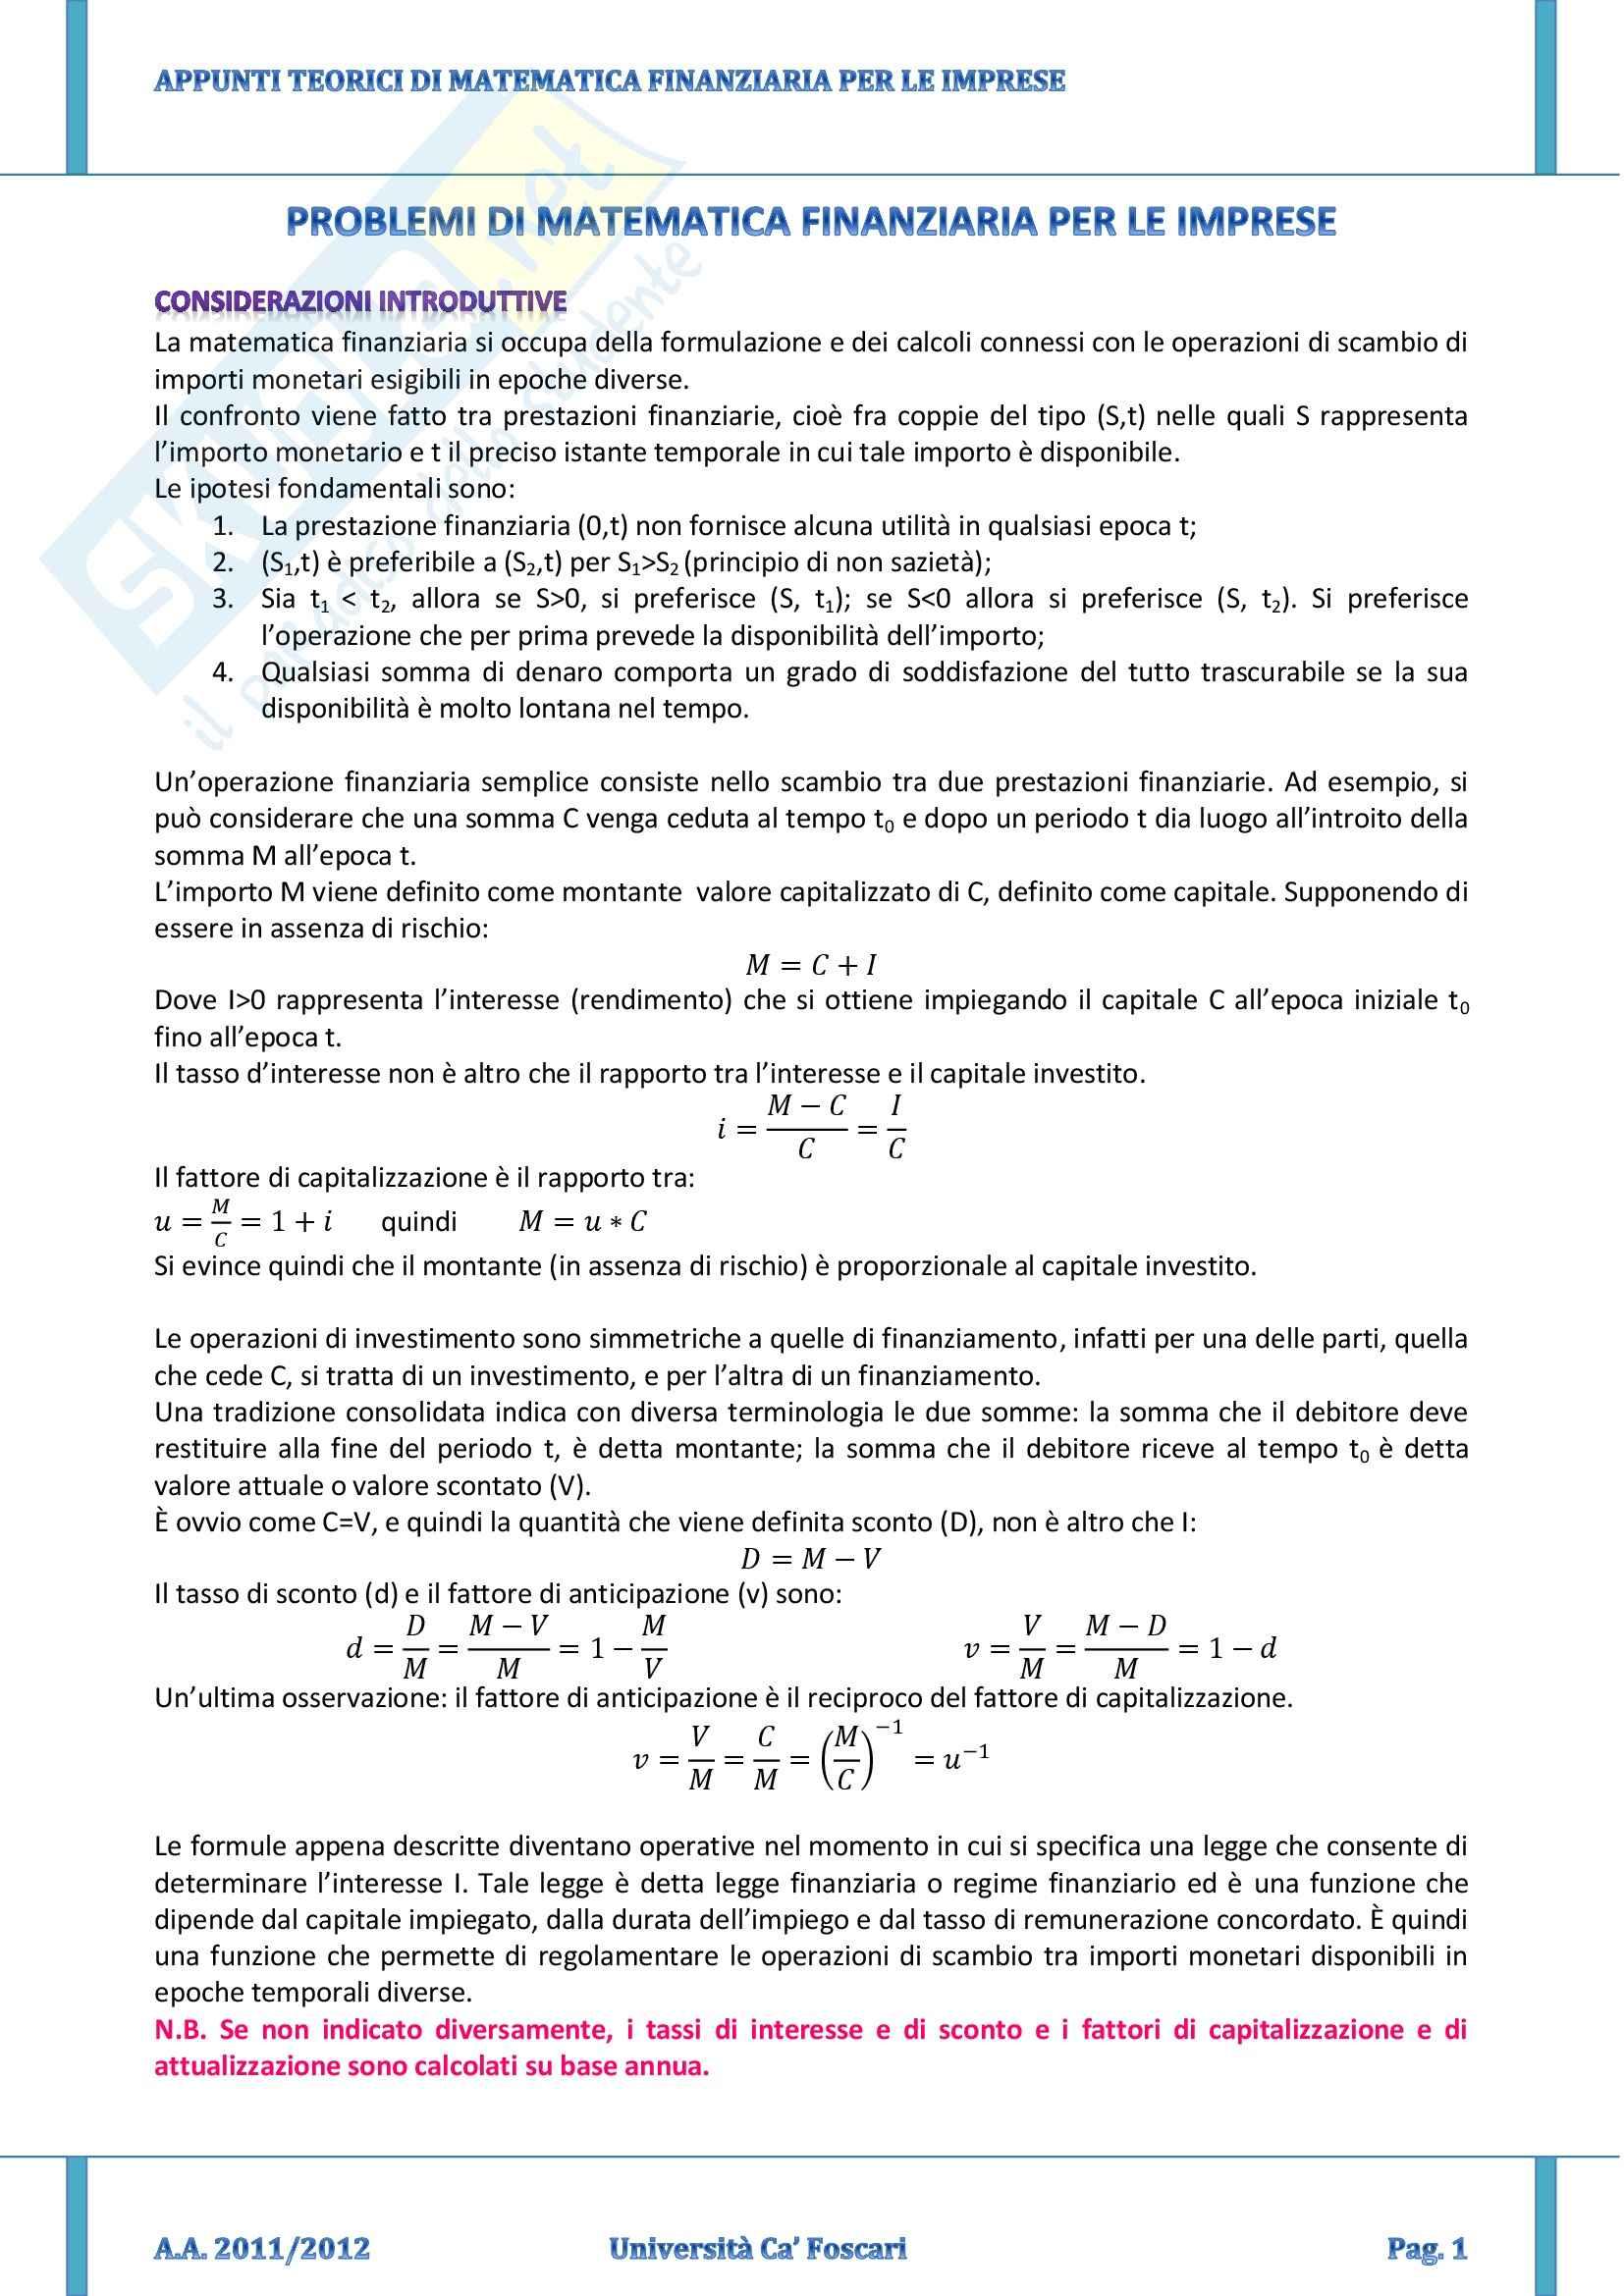 Riassunto esame Matematica Finanziaria per le Imprese, prof. Corazza, libro consigliato Elementi di Matematica Finanziaria, Basso, Pianca